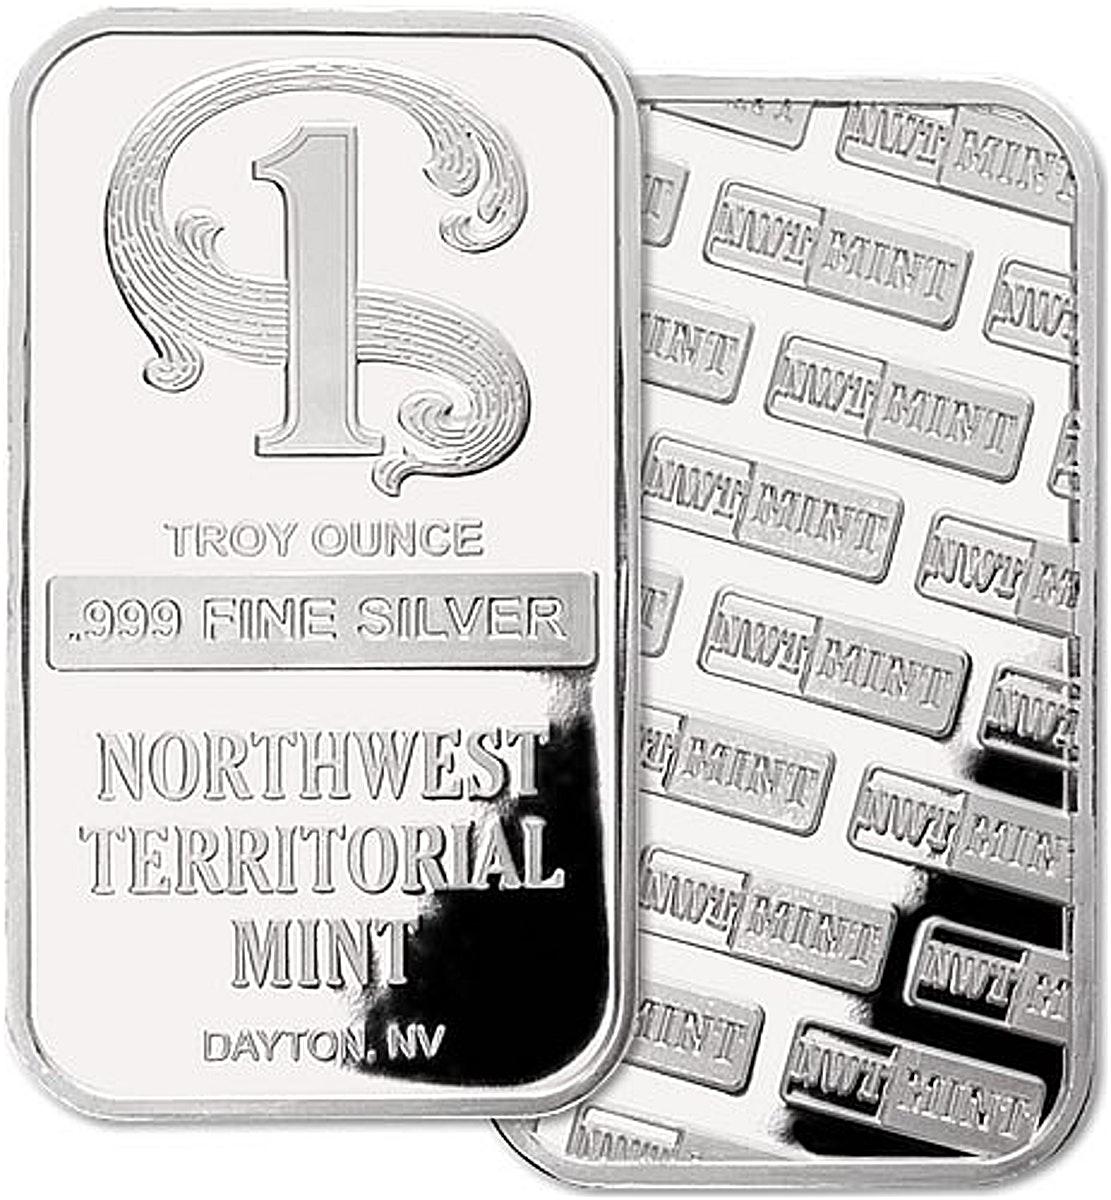 Silver Bullion Bar Nwt Mint 1 Oz